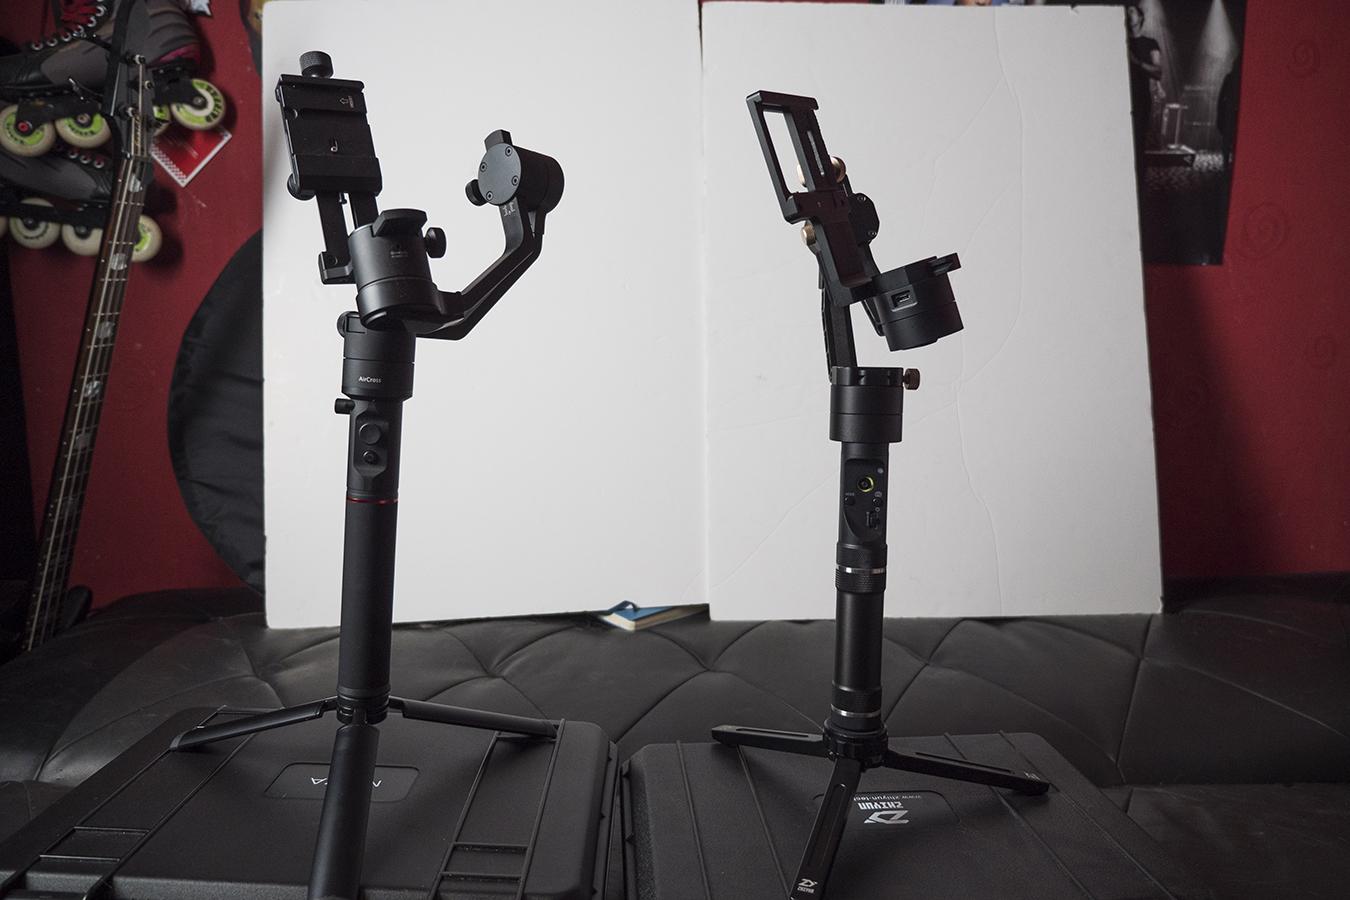 moza aircross vs crane plus size comparison